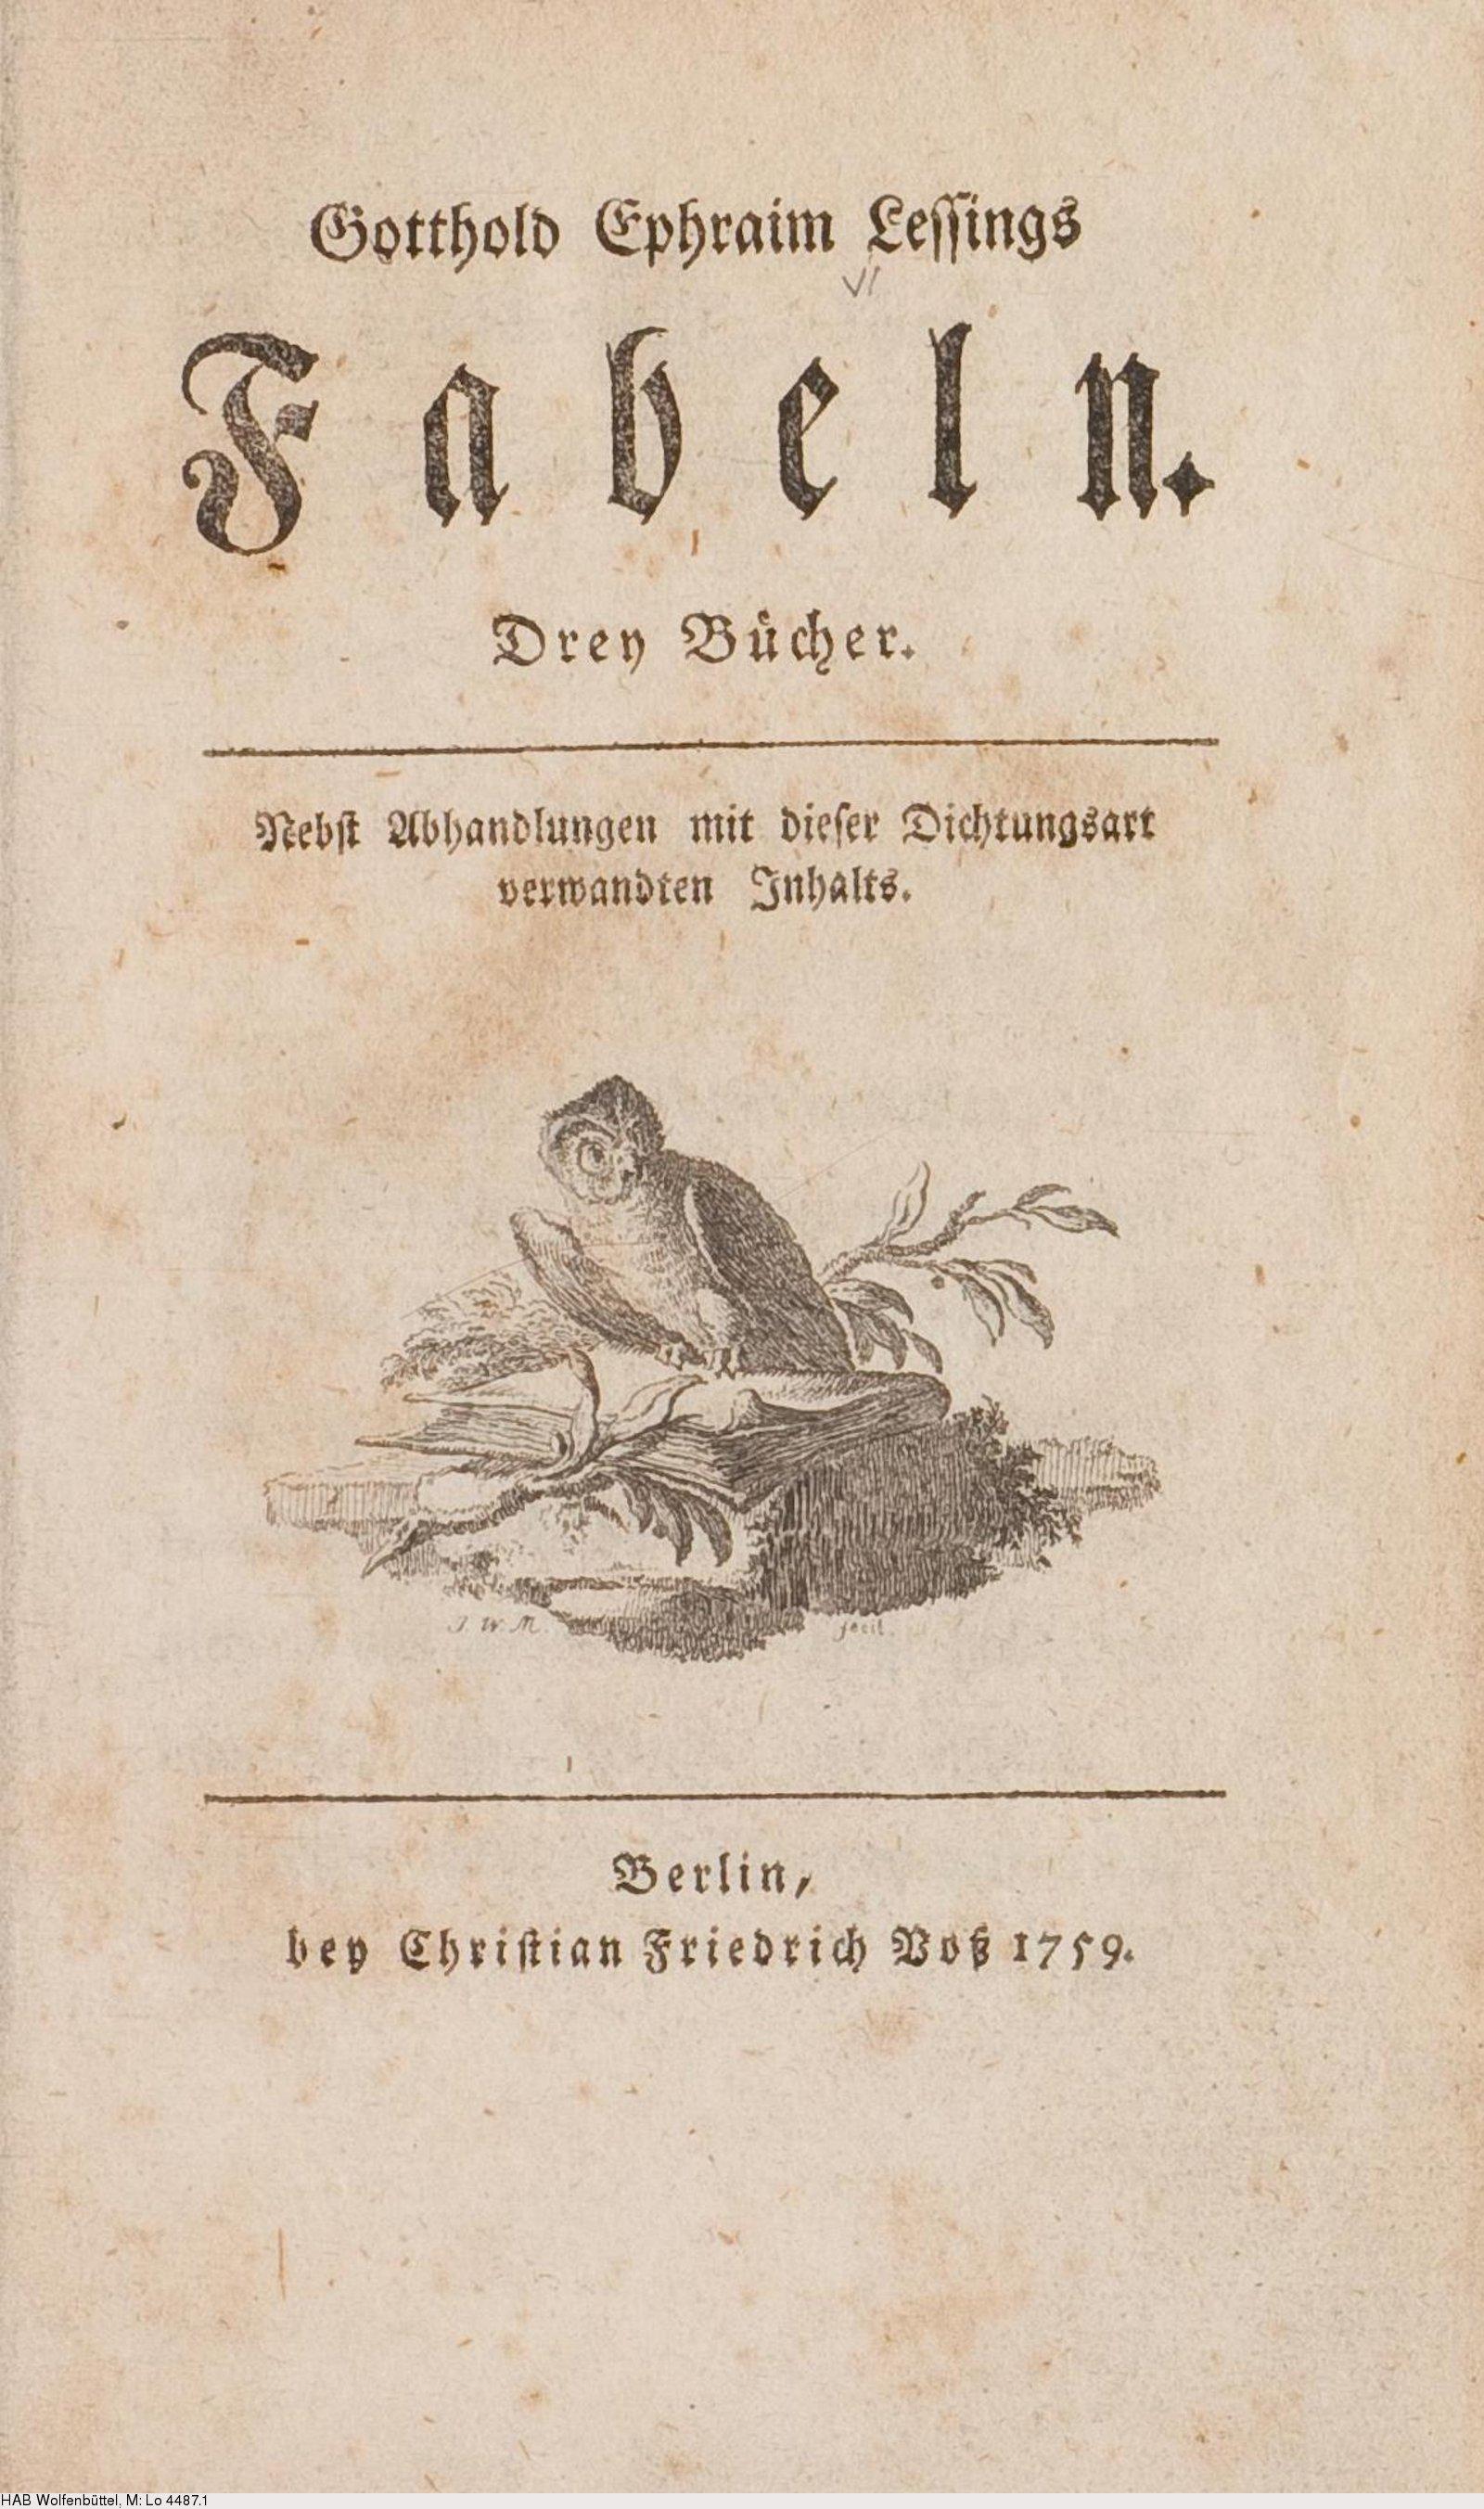 Deutsches Textarchiv – Lessing Gotthold Ephraim Fabeln Berlin 1759